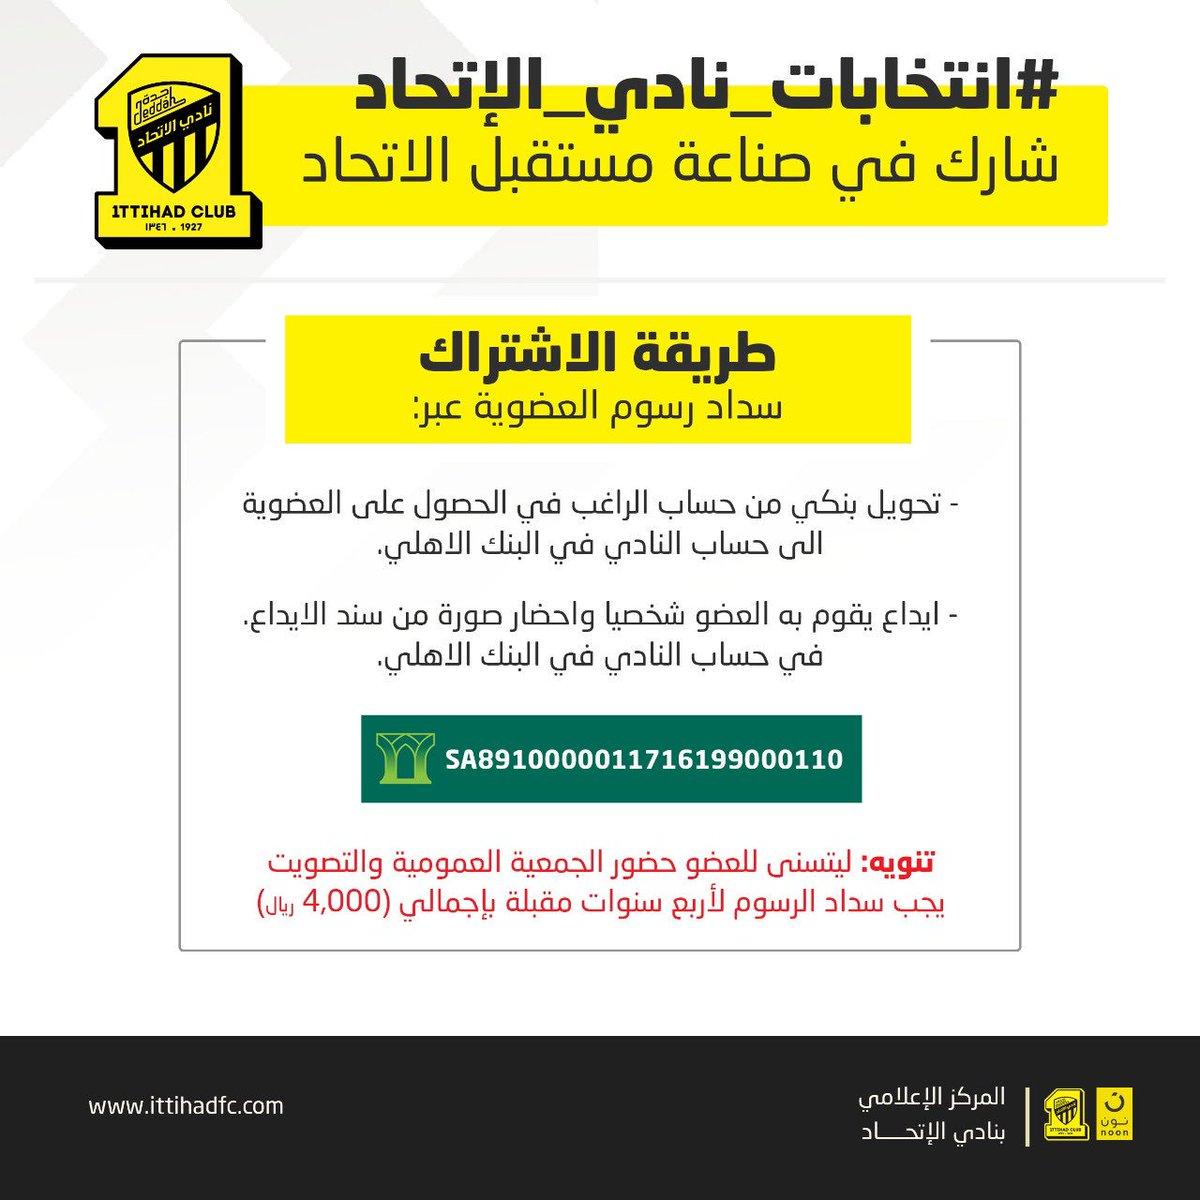 اخبار ومستجدات نادي الاتــــحاد يوم الثلاثاء 11 يونيو 2019 م